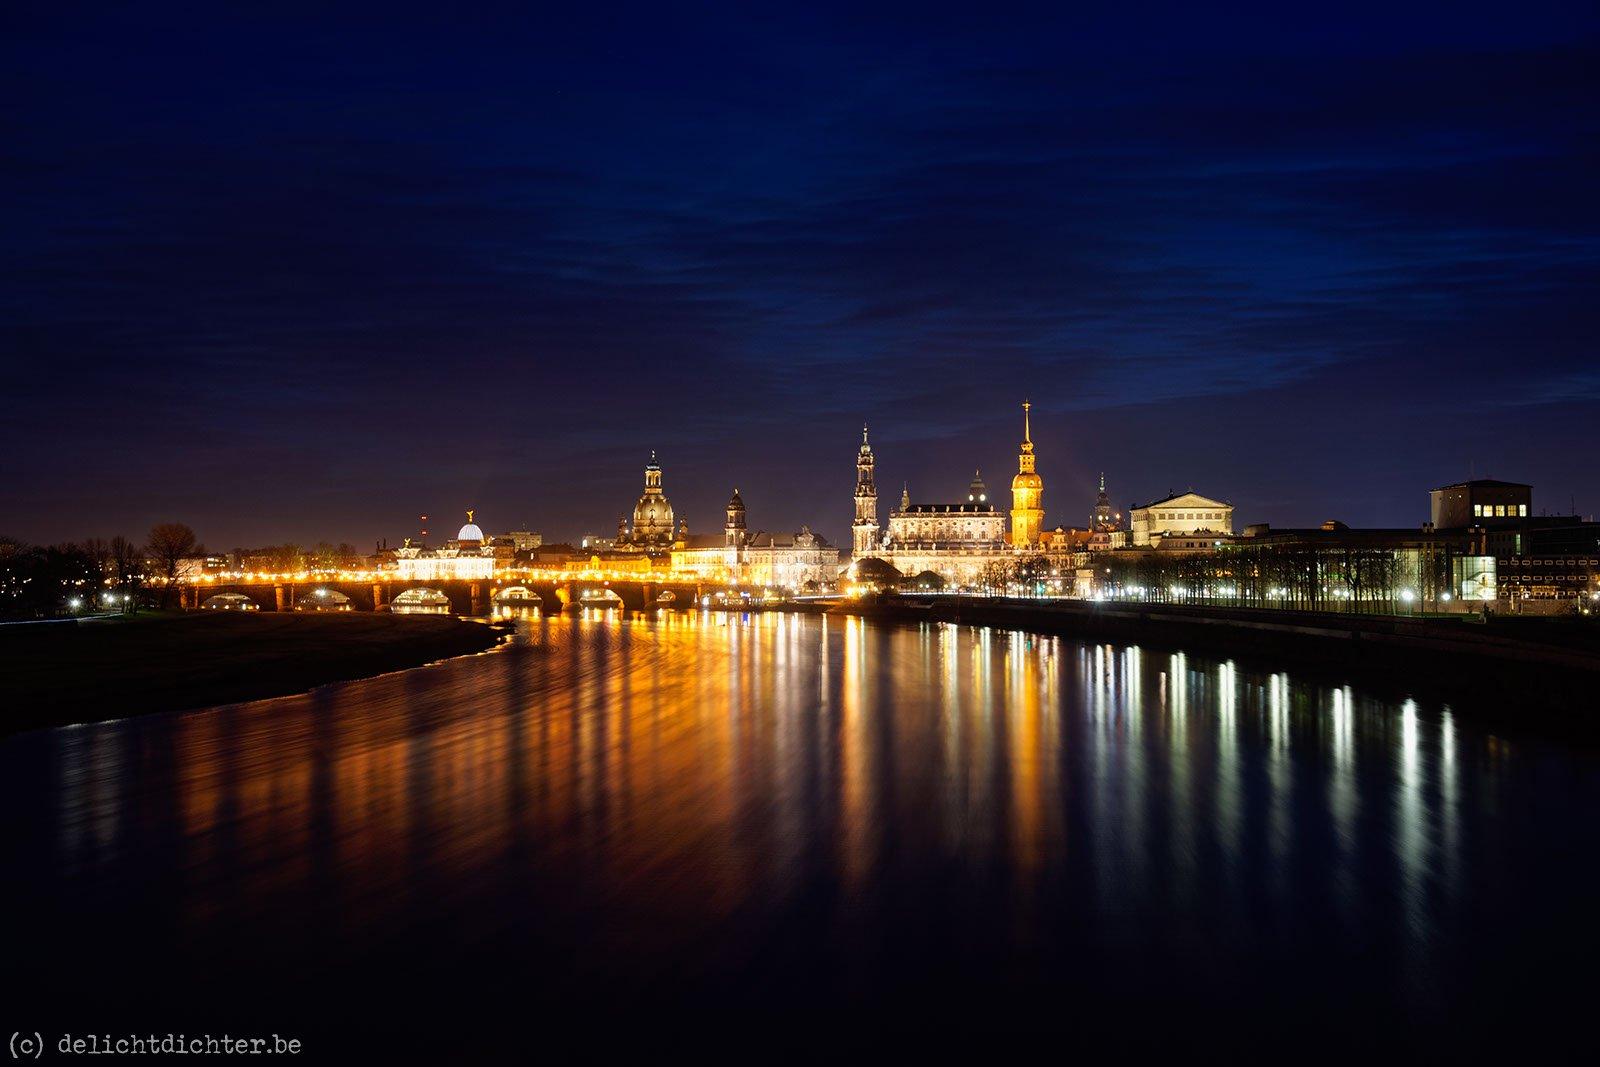 2015_12_Dresden_20151224_180213_DxO_v10_1